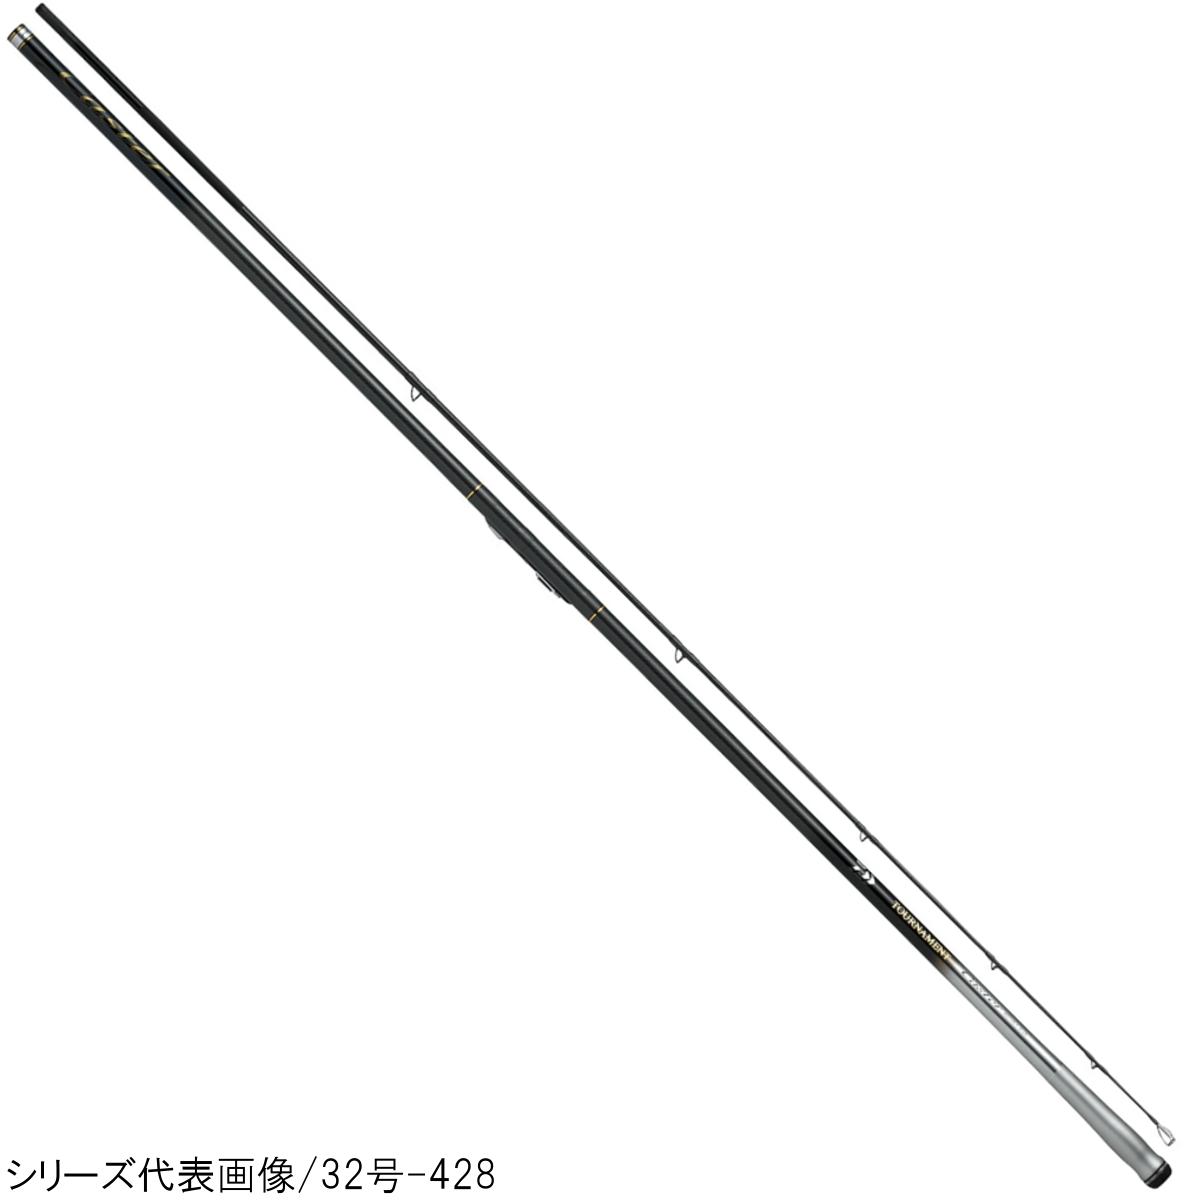 トーナメント キャスター AGS タイプT 29号-400 ダイワ【大型商品】